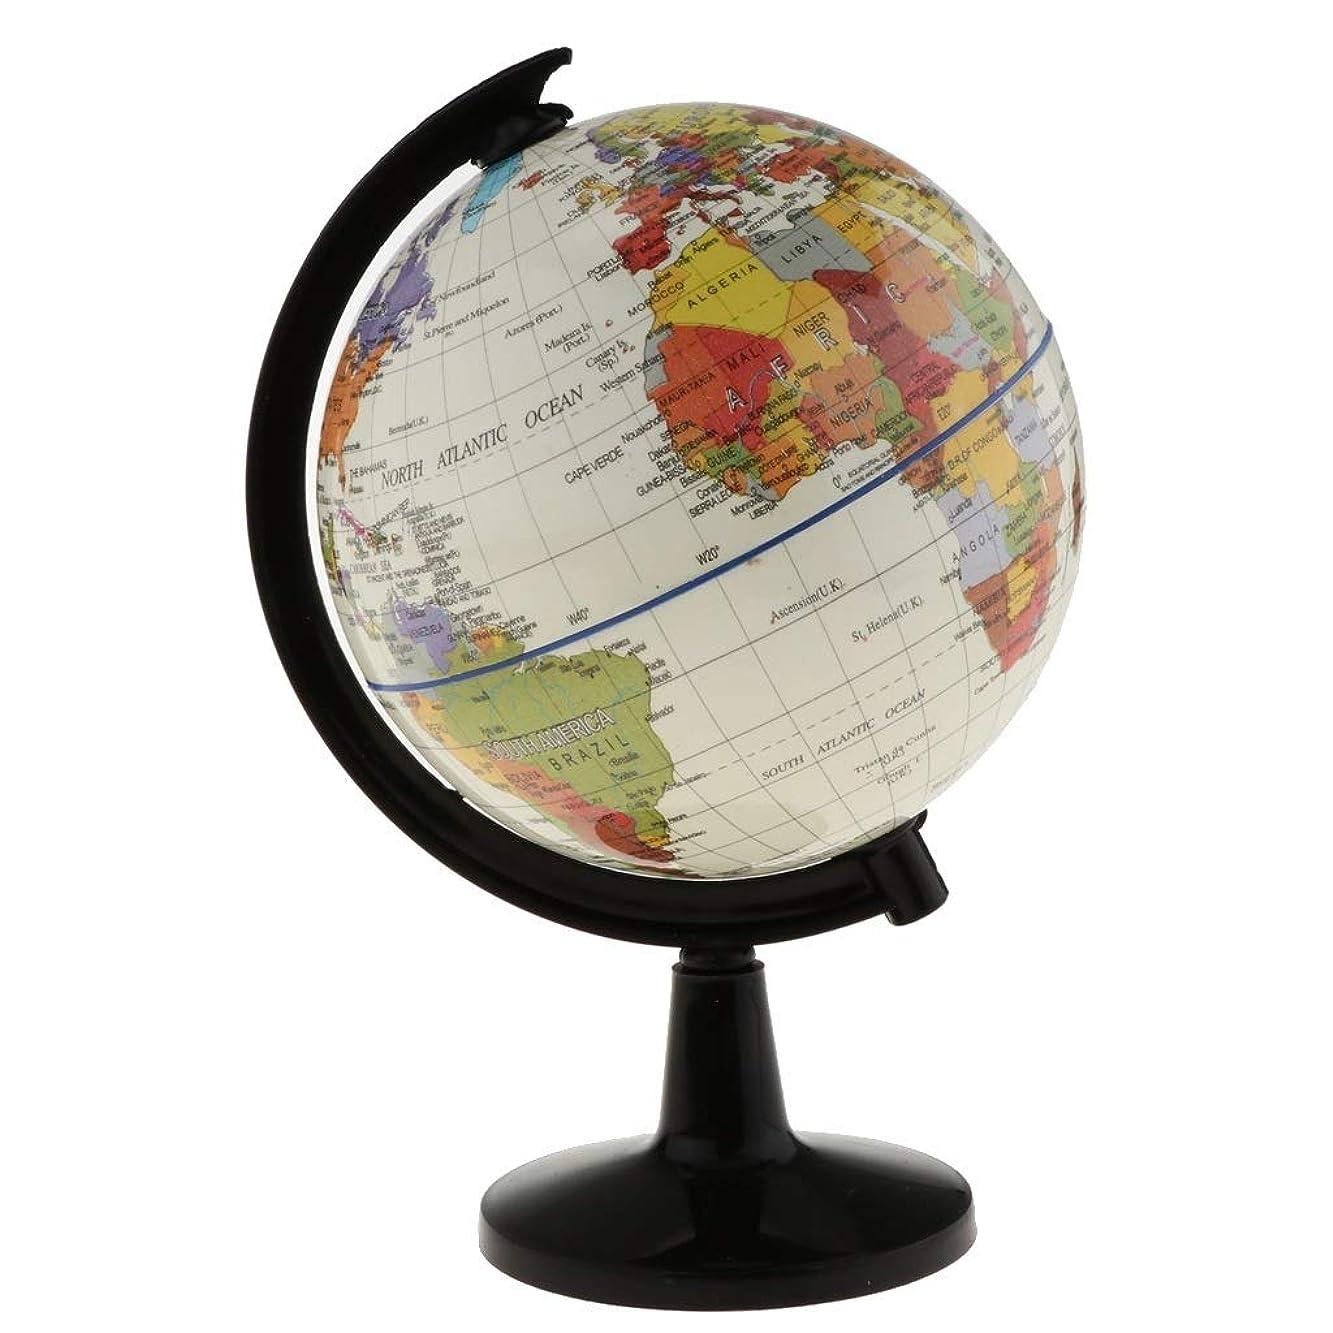 先生贅沢なピクニックWXZD 学校の教室教材のホームデスクインテリアのためのロータリー?ワールドグローブモデル世界地図地球儀 (色 : 白い)